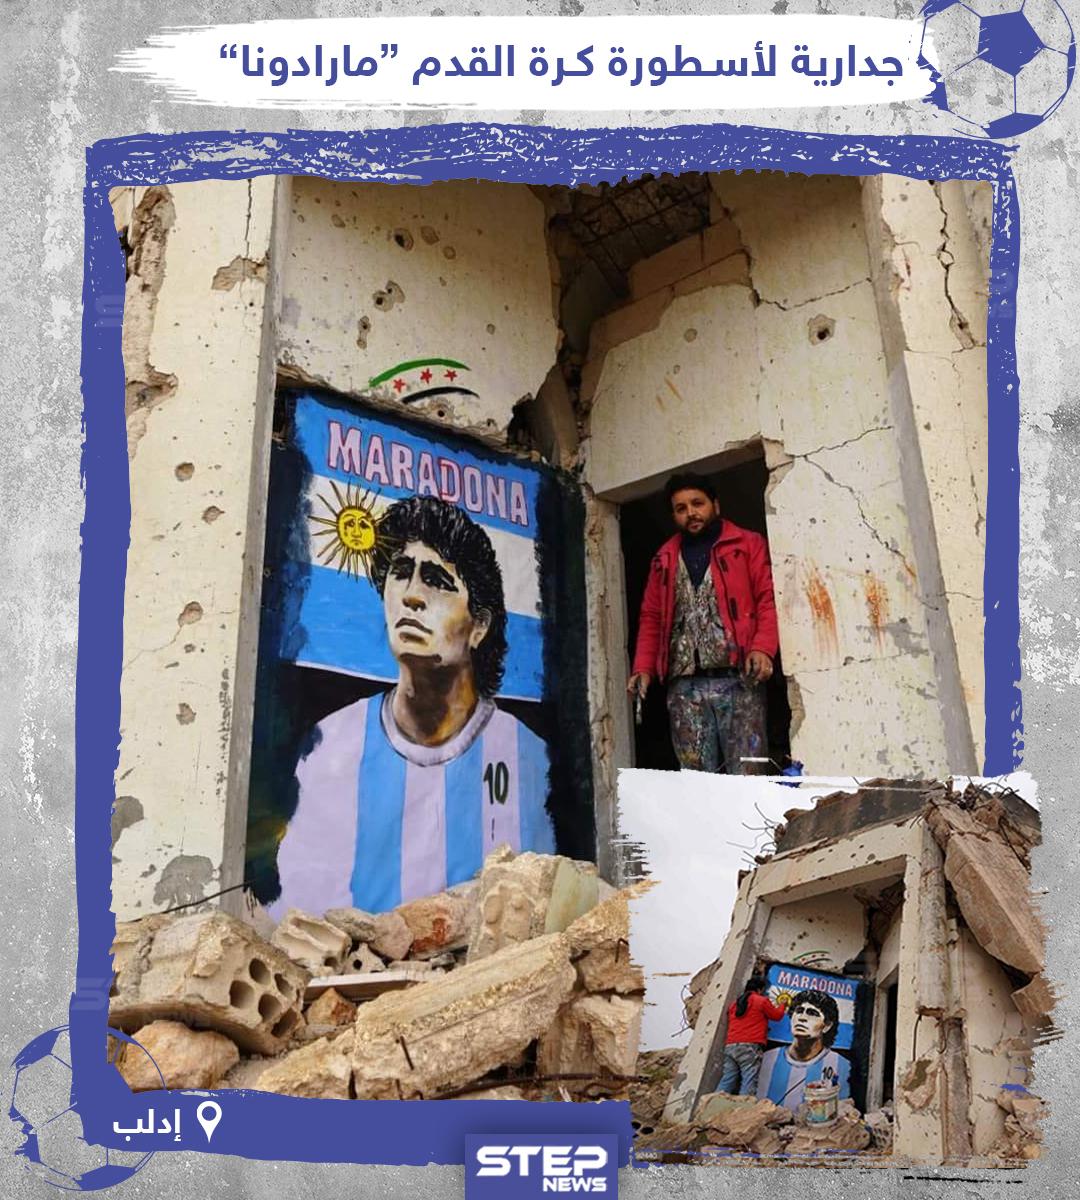 """جدارية لأسطورة كرة القدم """"مارادونا"""" في إدلب"""